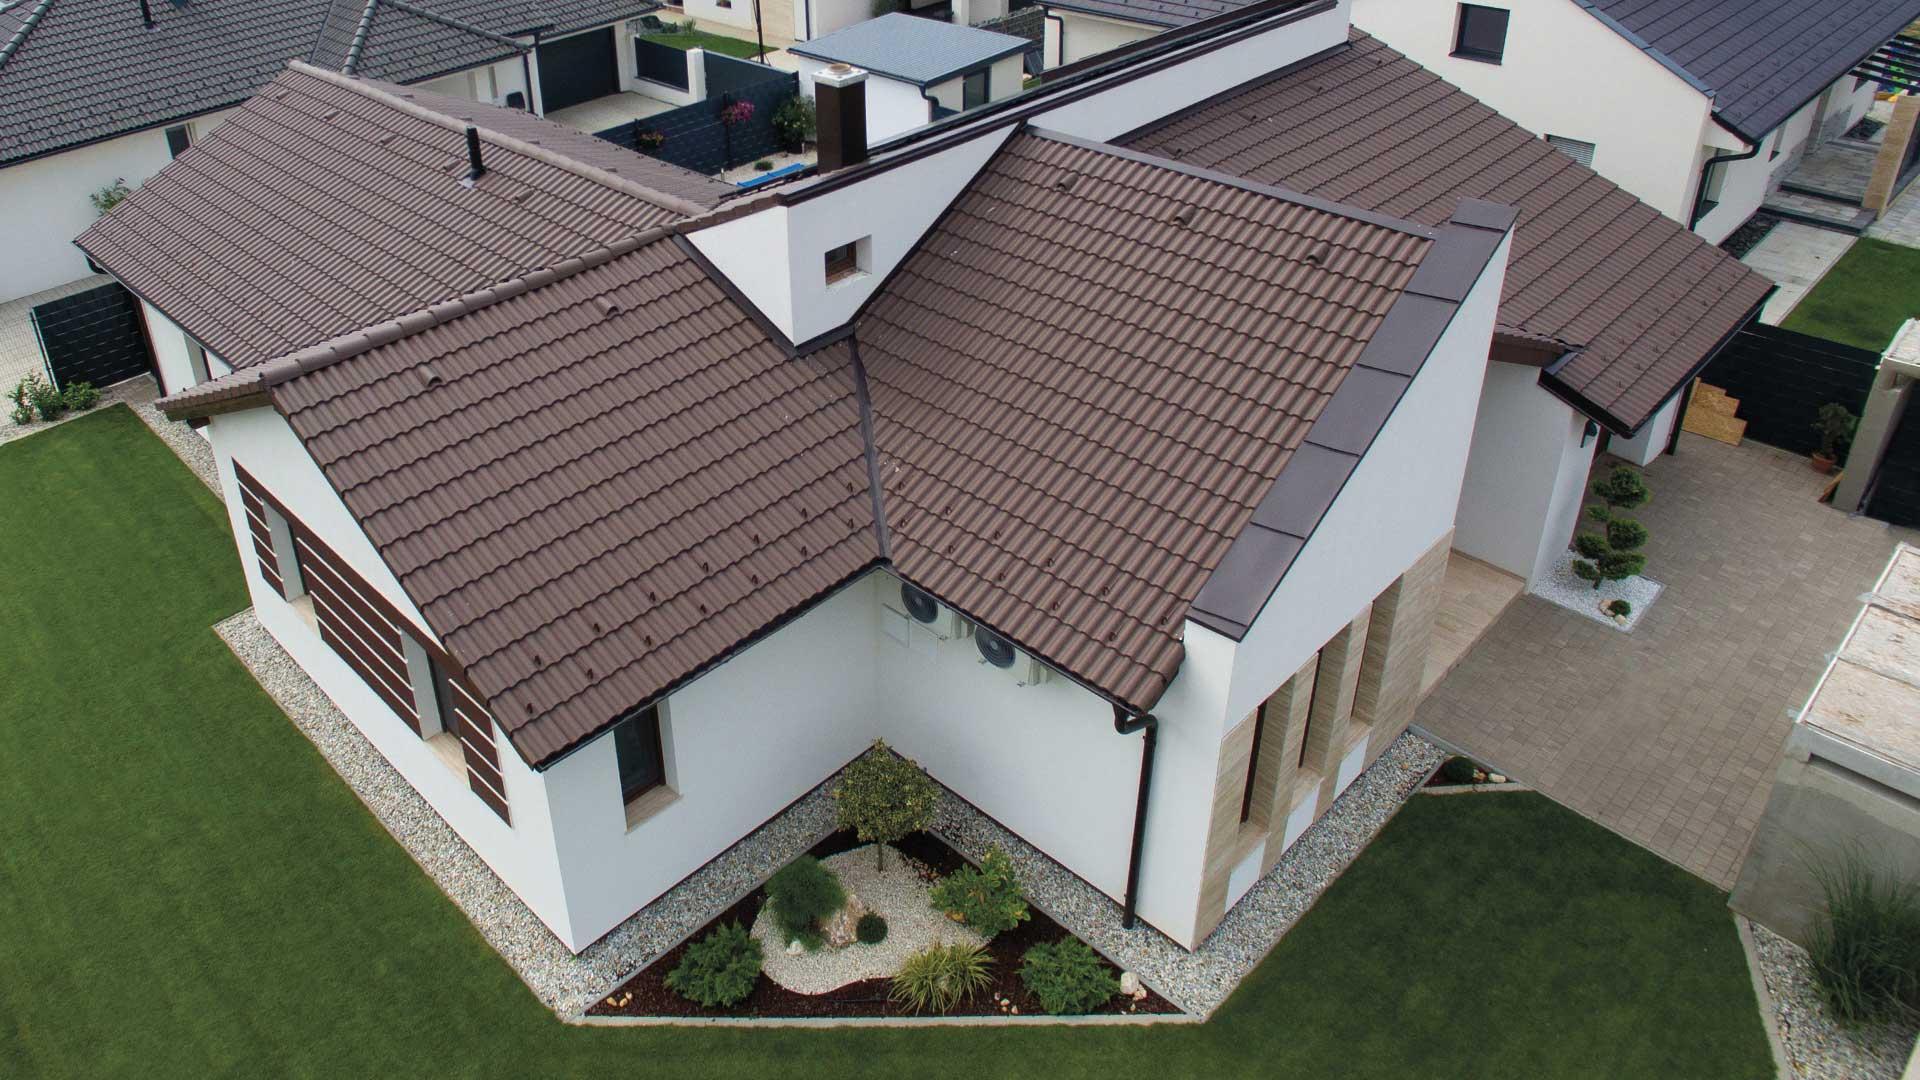 Anyagszükséglet-számítással pontosan meghatározható a tetőfedéshez szükséges anyagok mennyisége